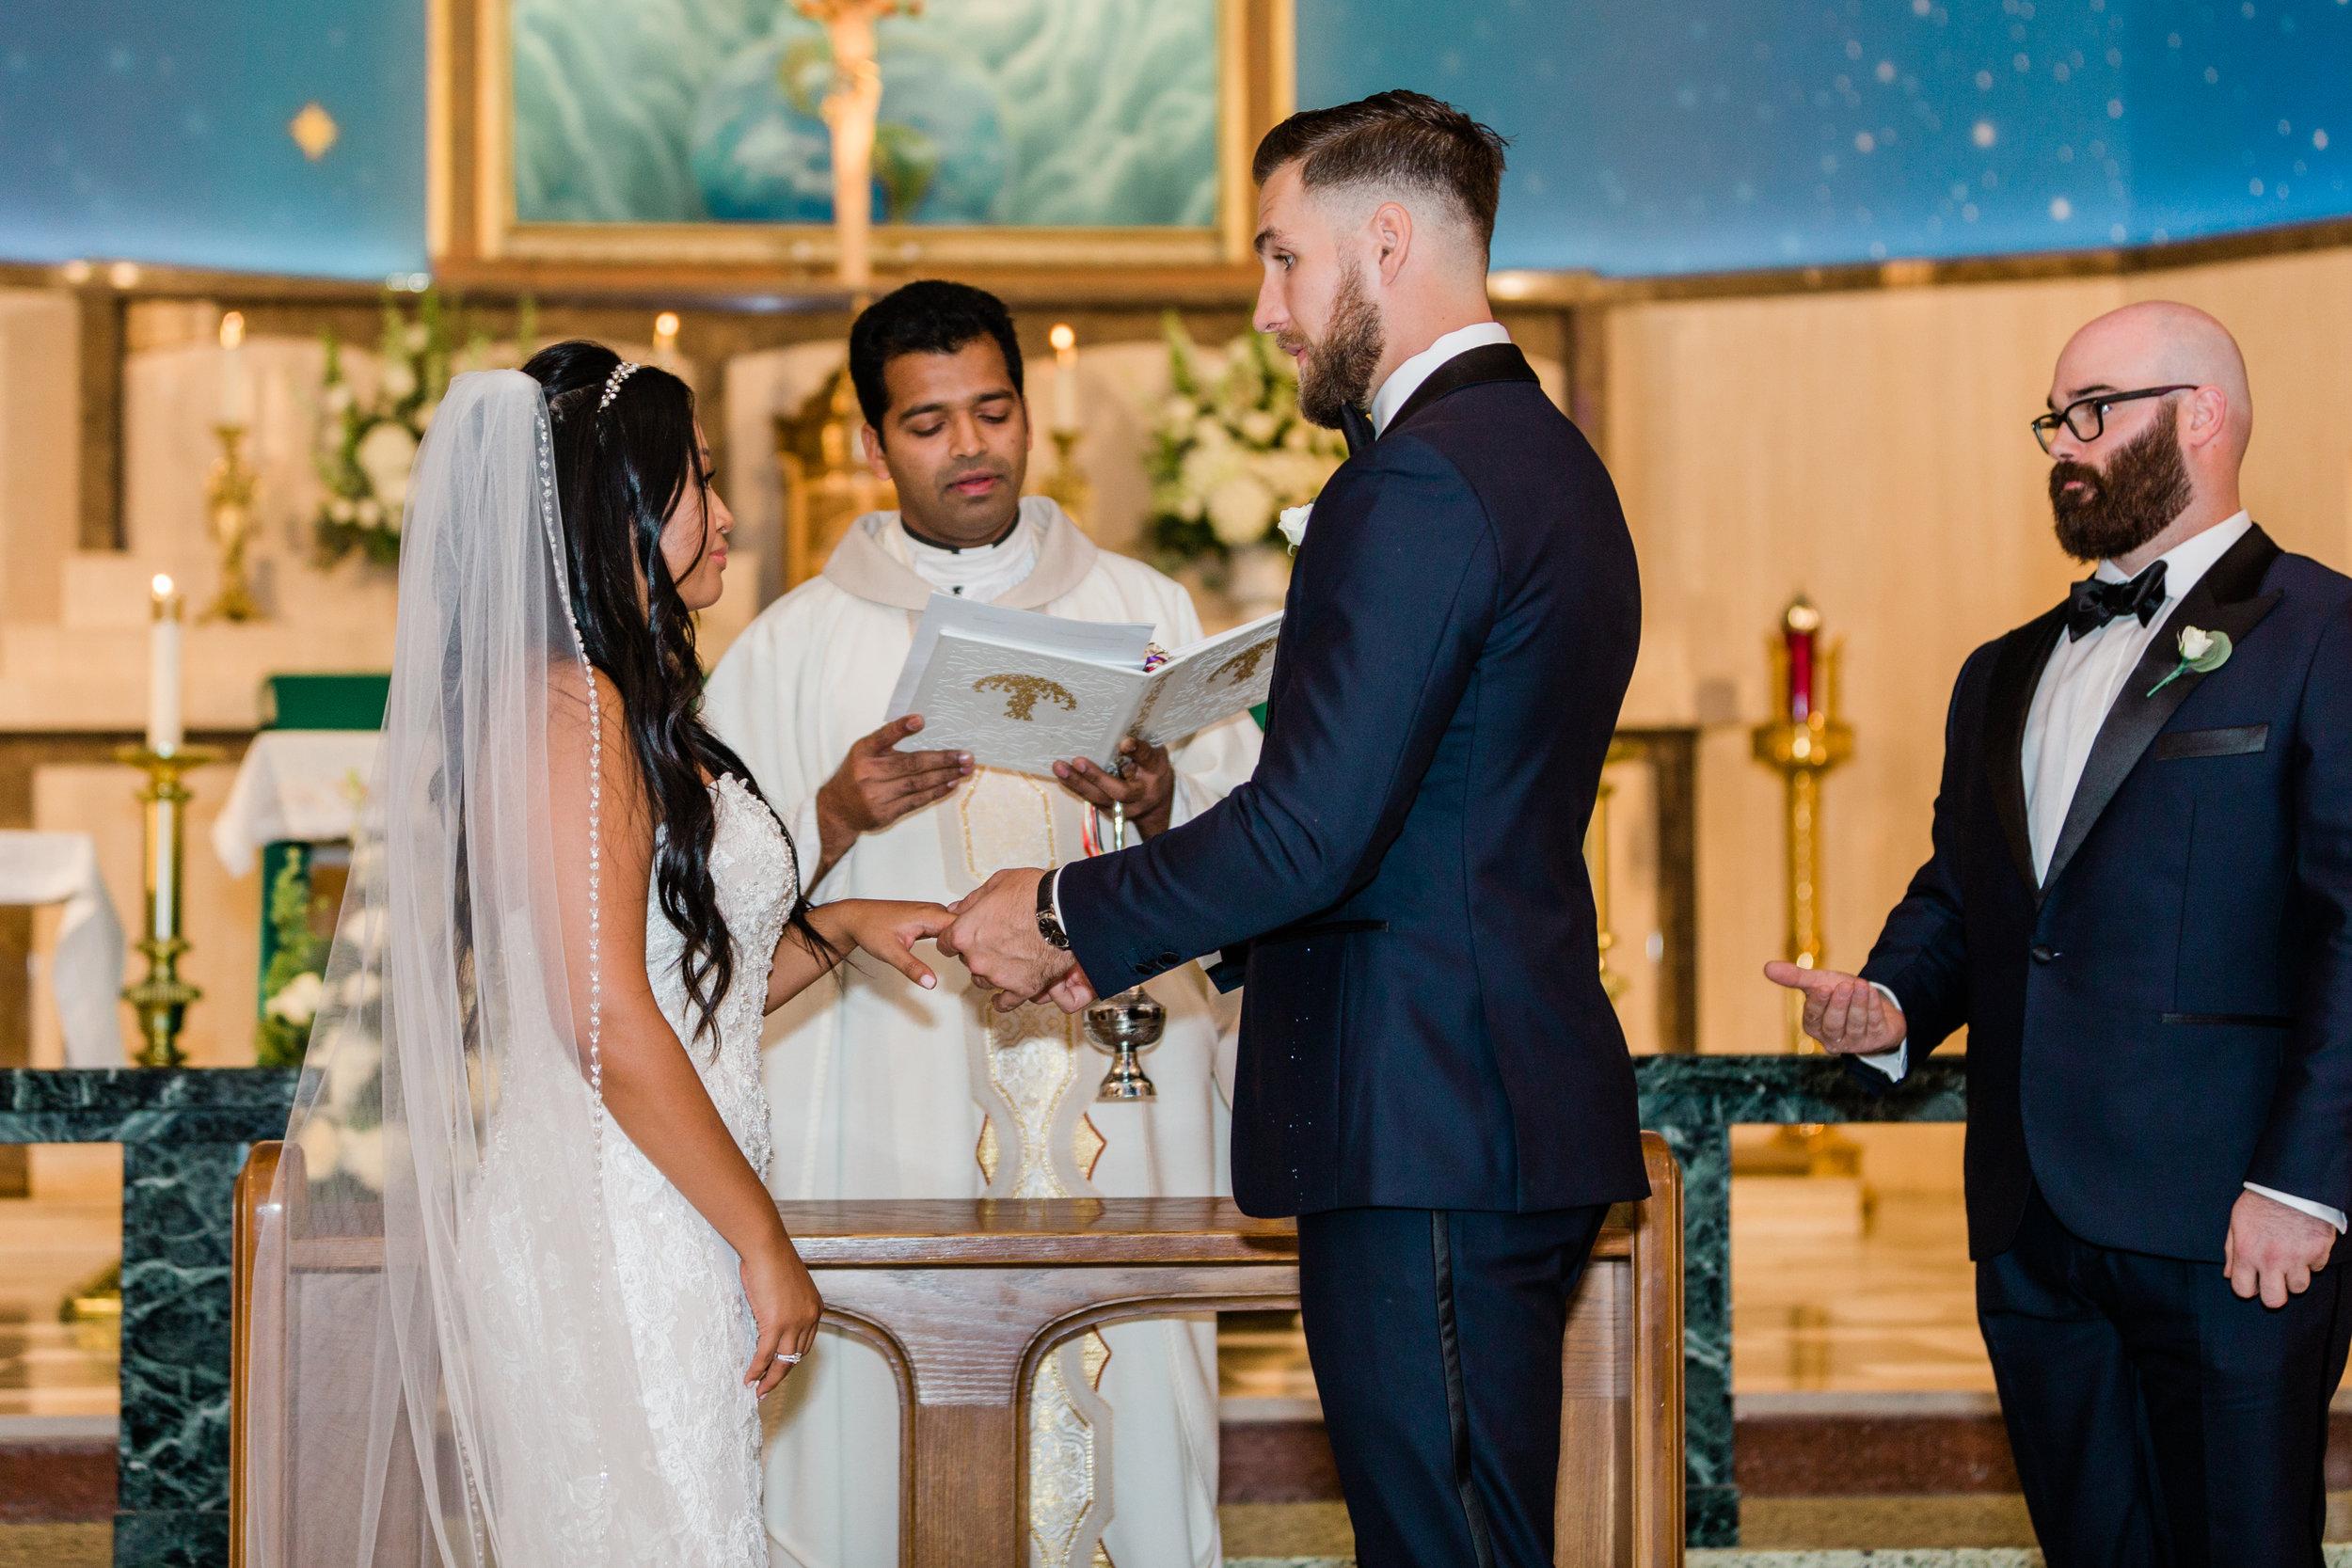 Raedawn and George - Married - Sneak Peeks - Lauren Alisse Photography-25.jpg